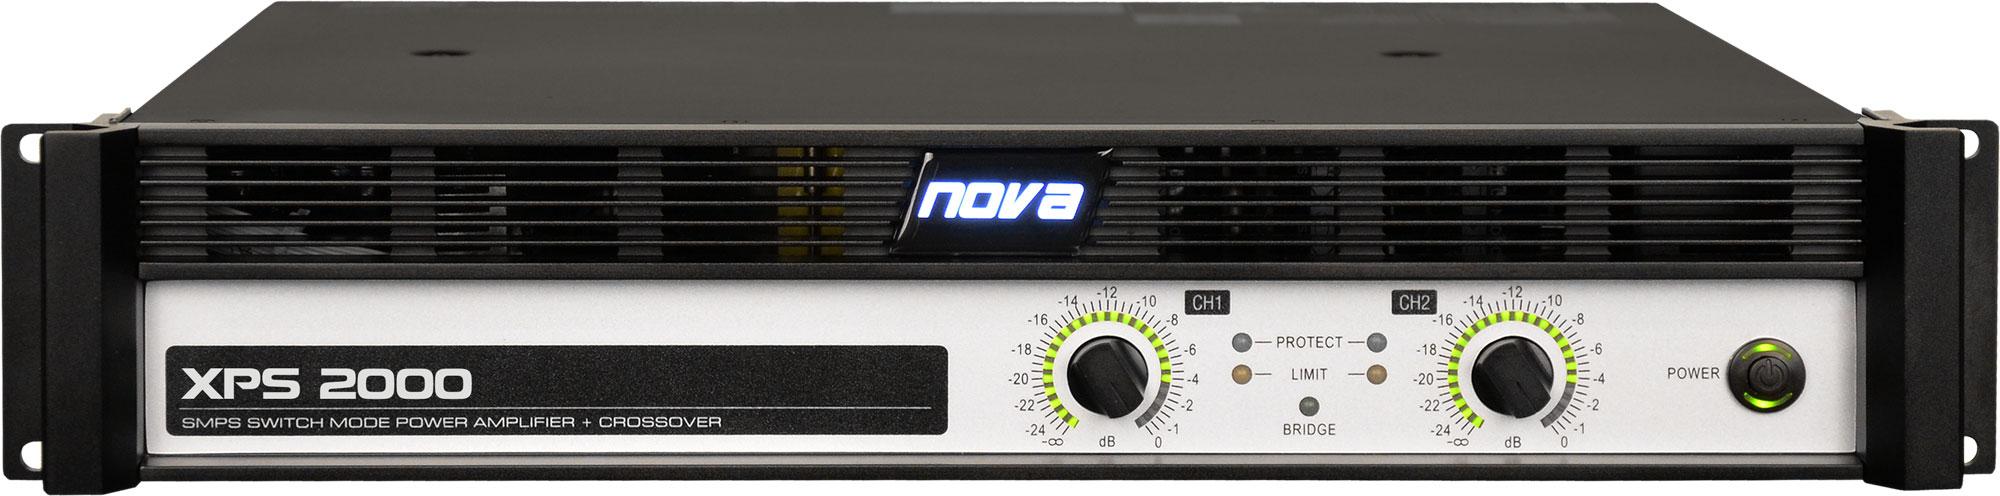 Billede af NOVA XPS 2000